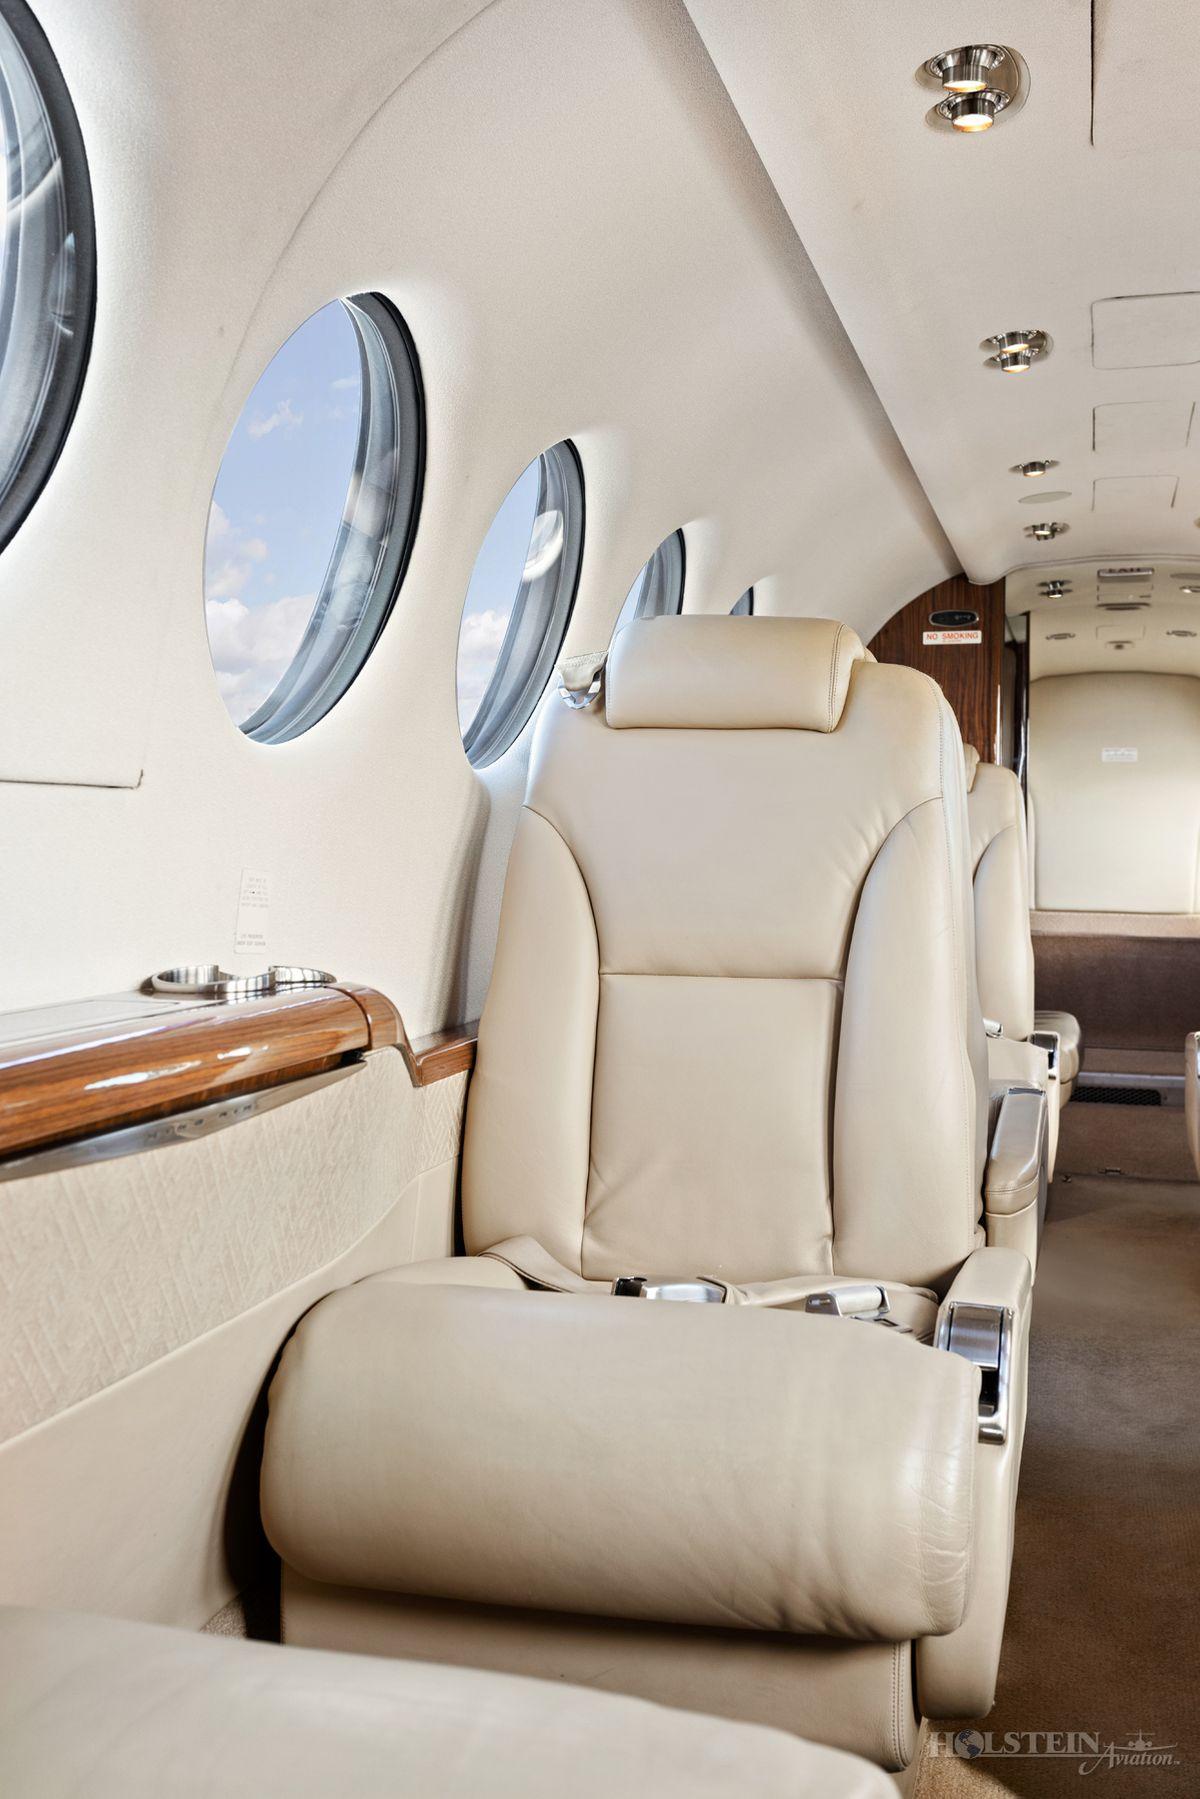 2012 King Air 350i - FL-822 -  N935JC - Int - Seat CU RGB.jpg